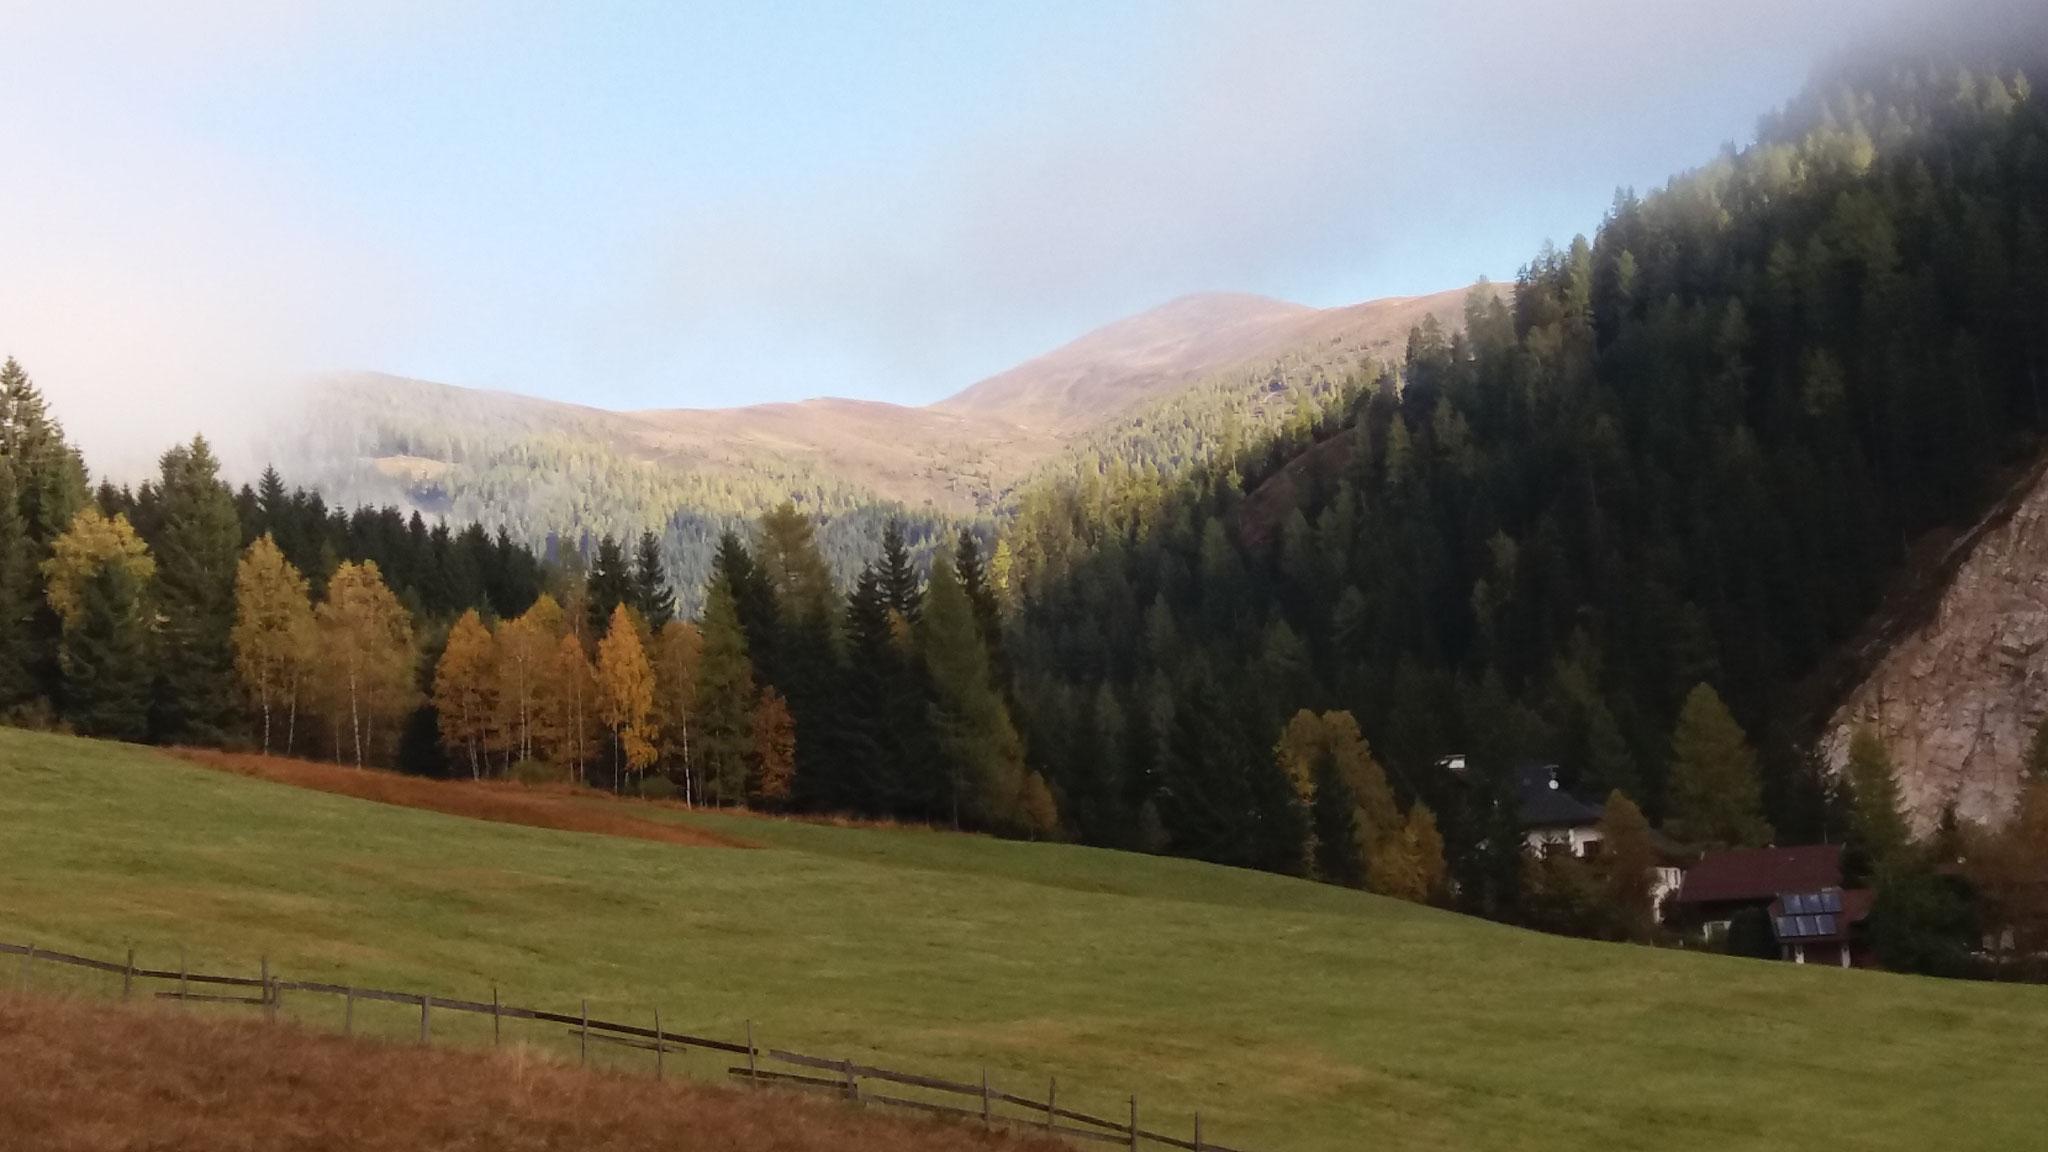 Herbsttag in Bad Kleinkirchheim - Staudach